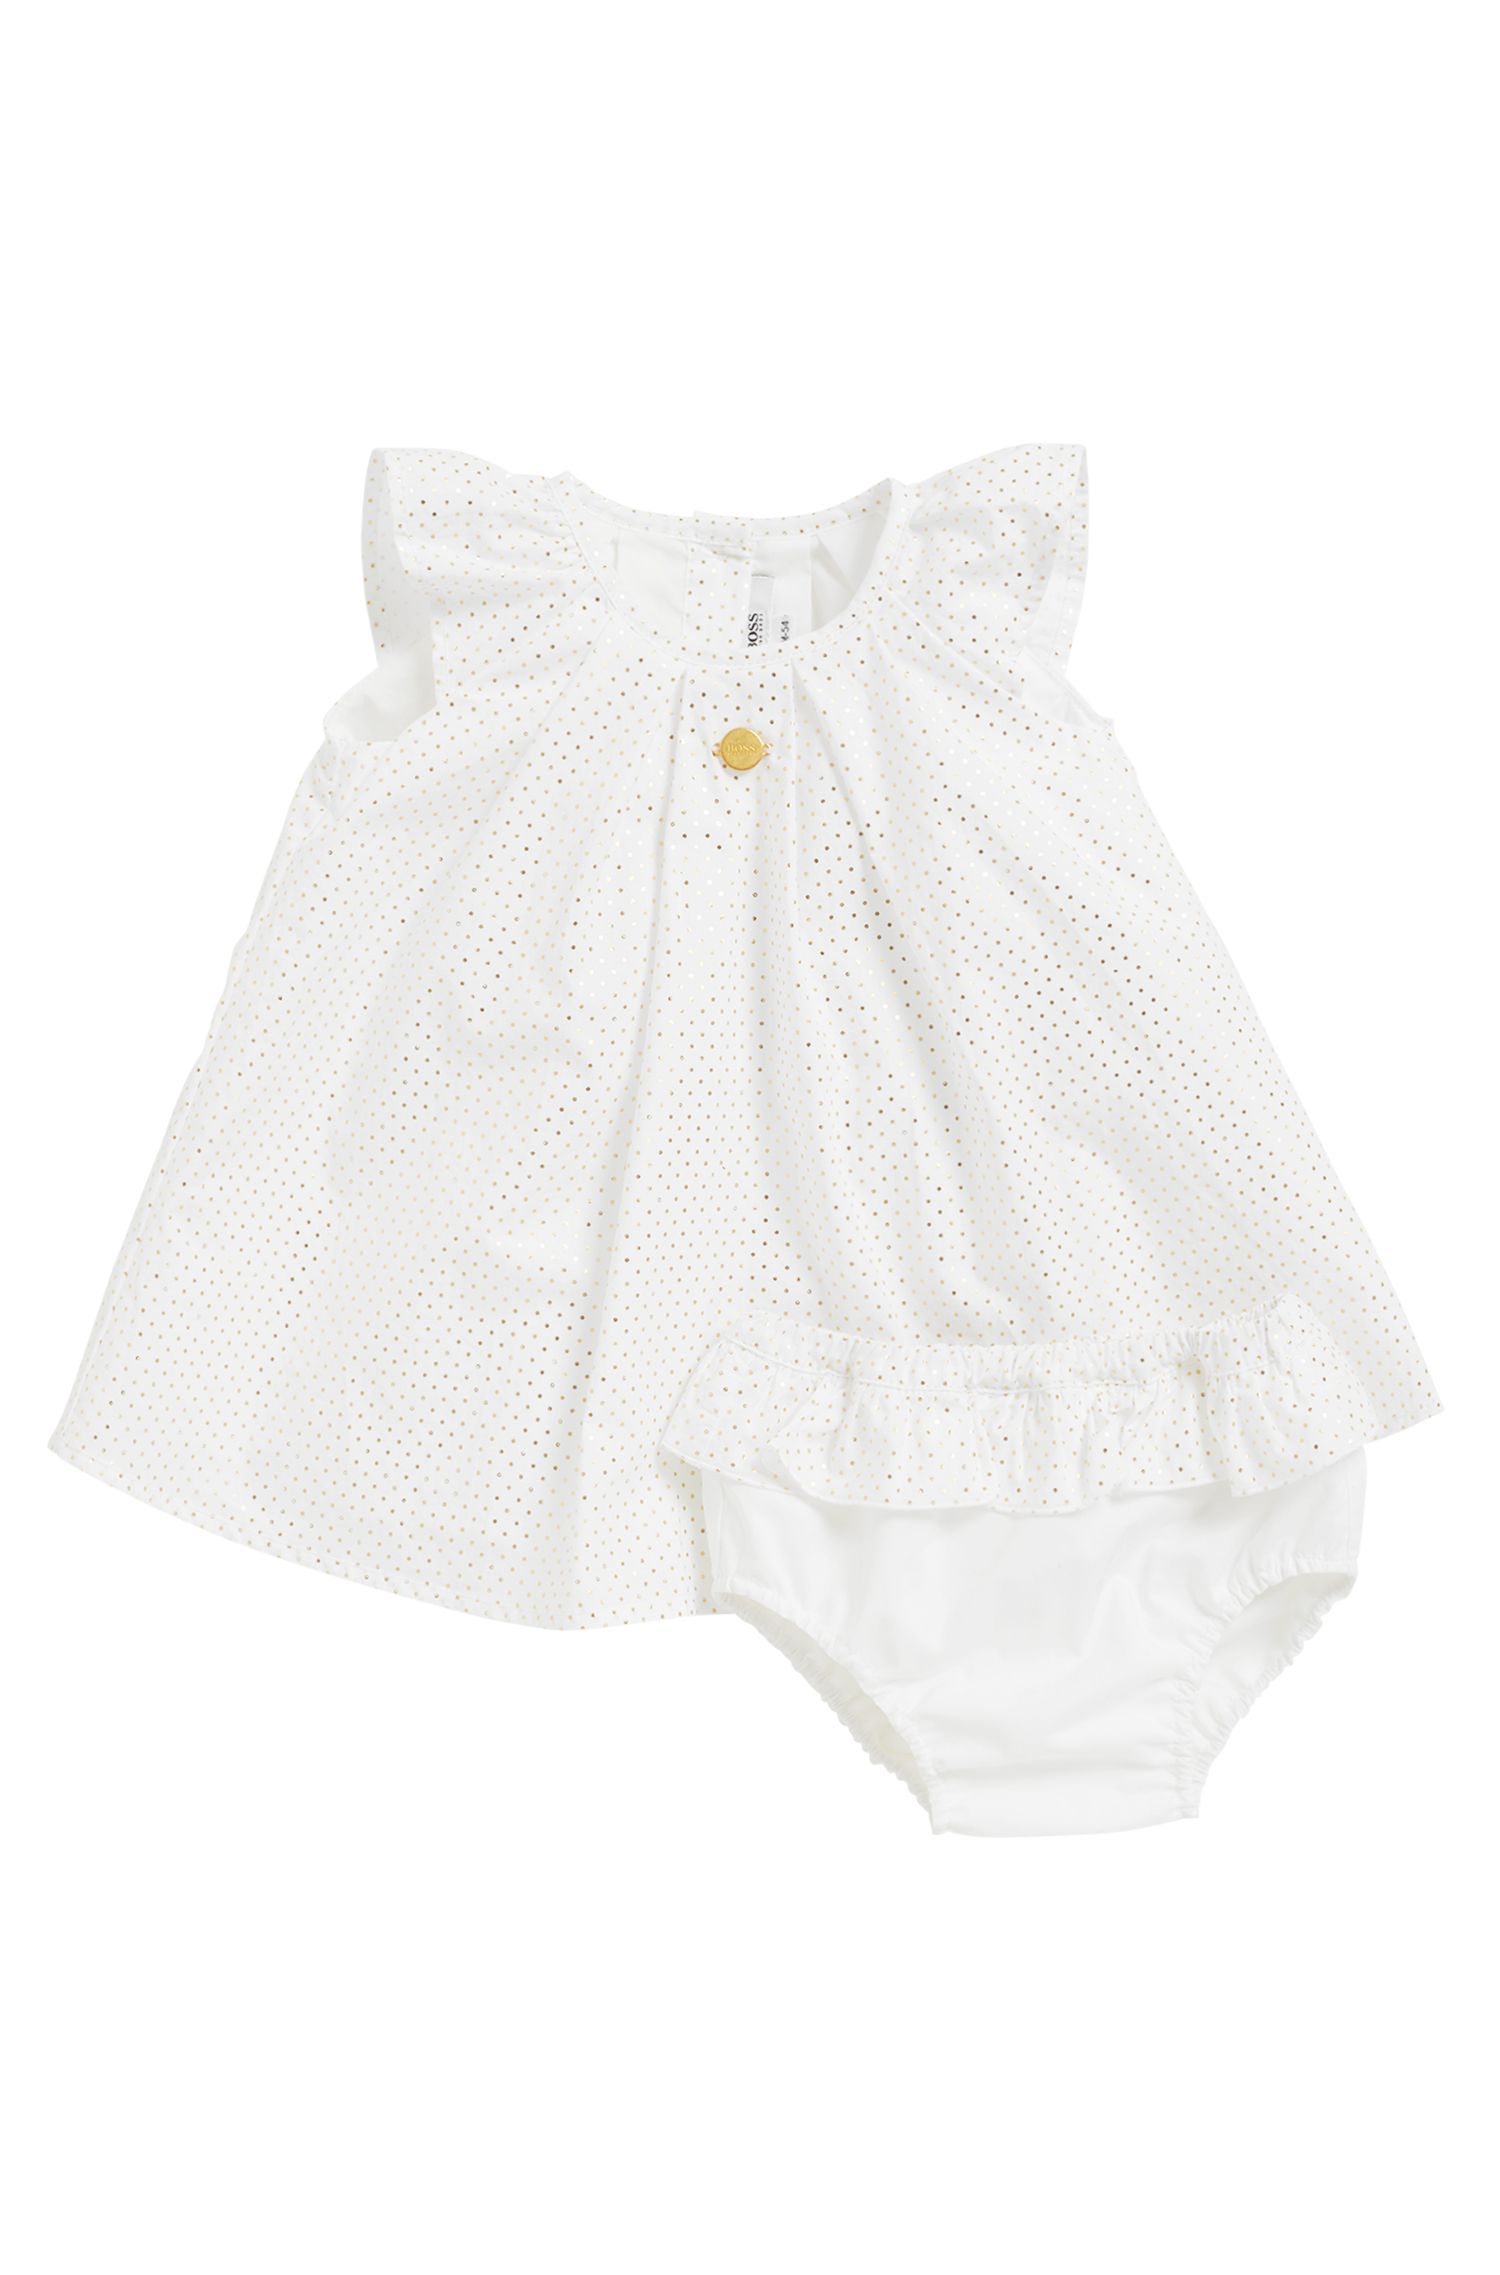 Robe et bloomer pour bébé en percale de coton